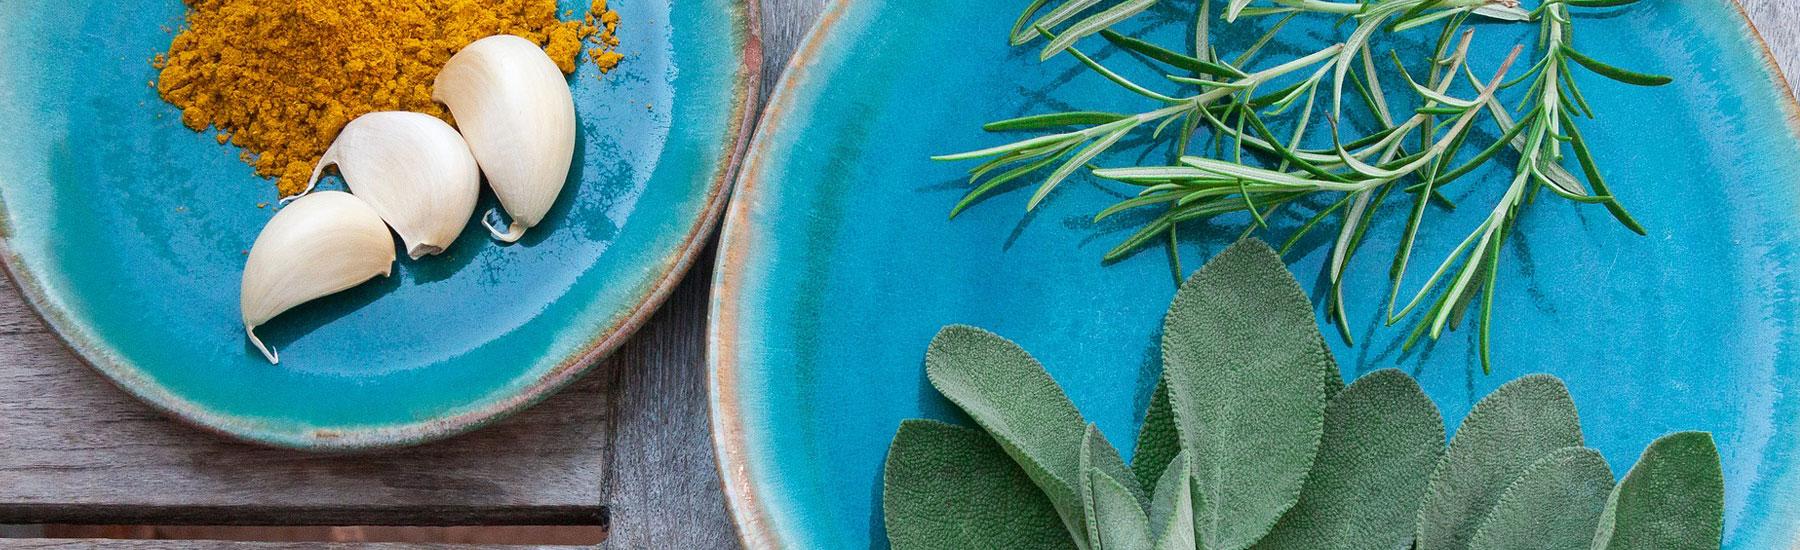 Diashow Startbild - Ernährung & Lebensart